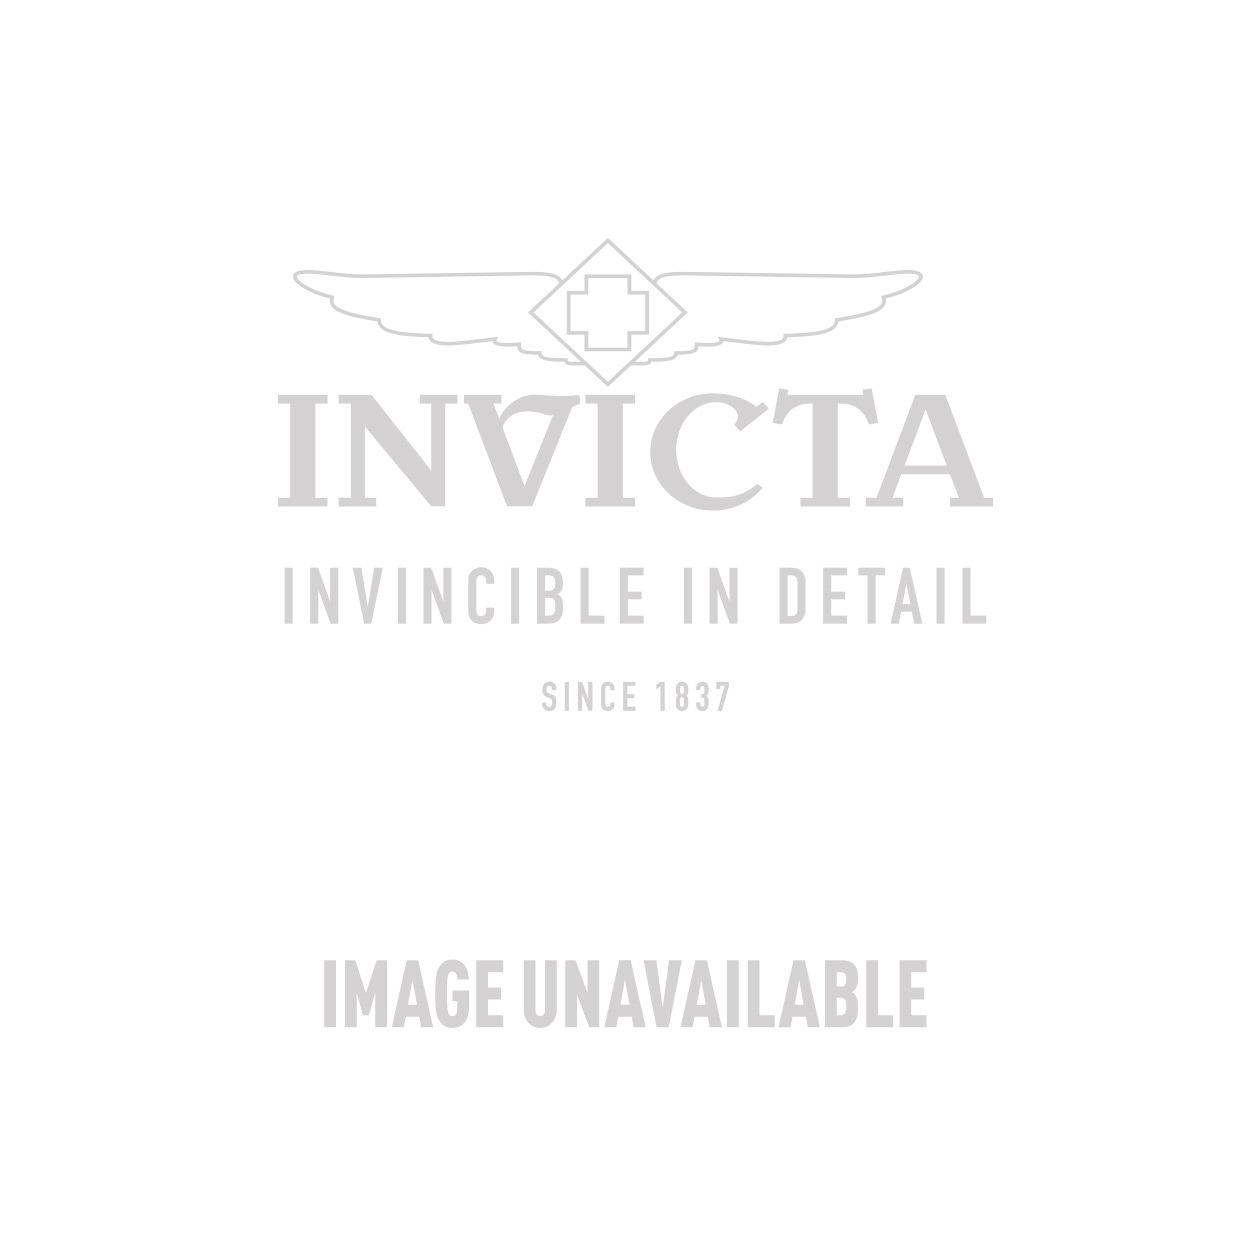 Invicta Model 27423